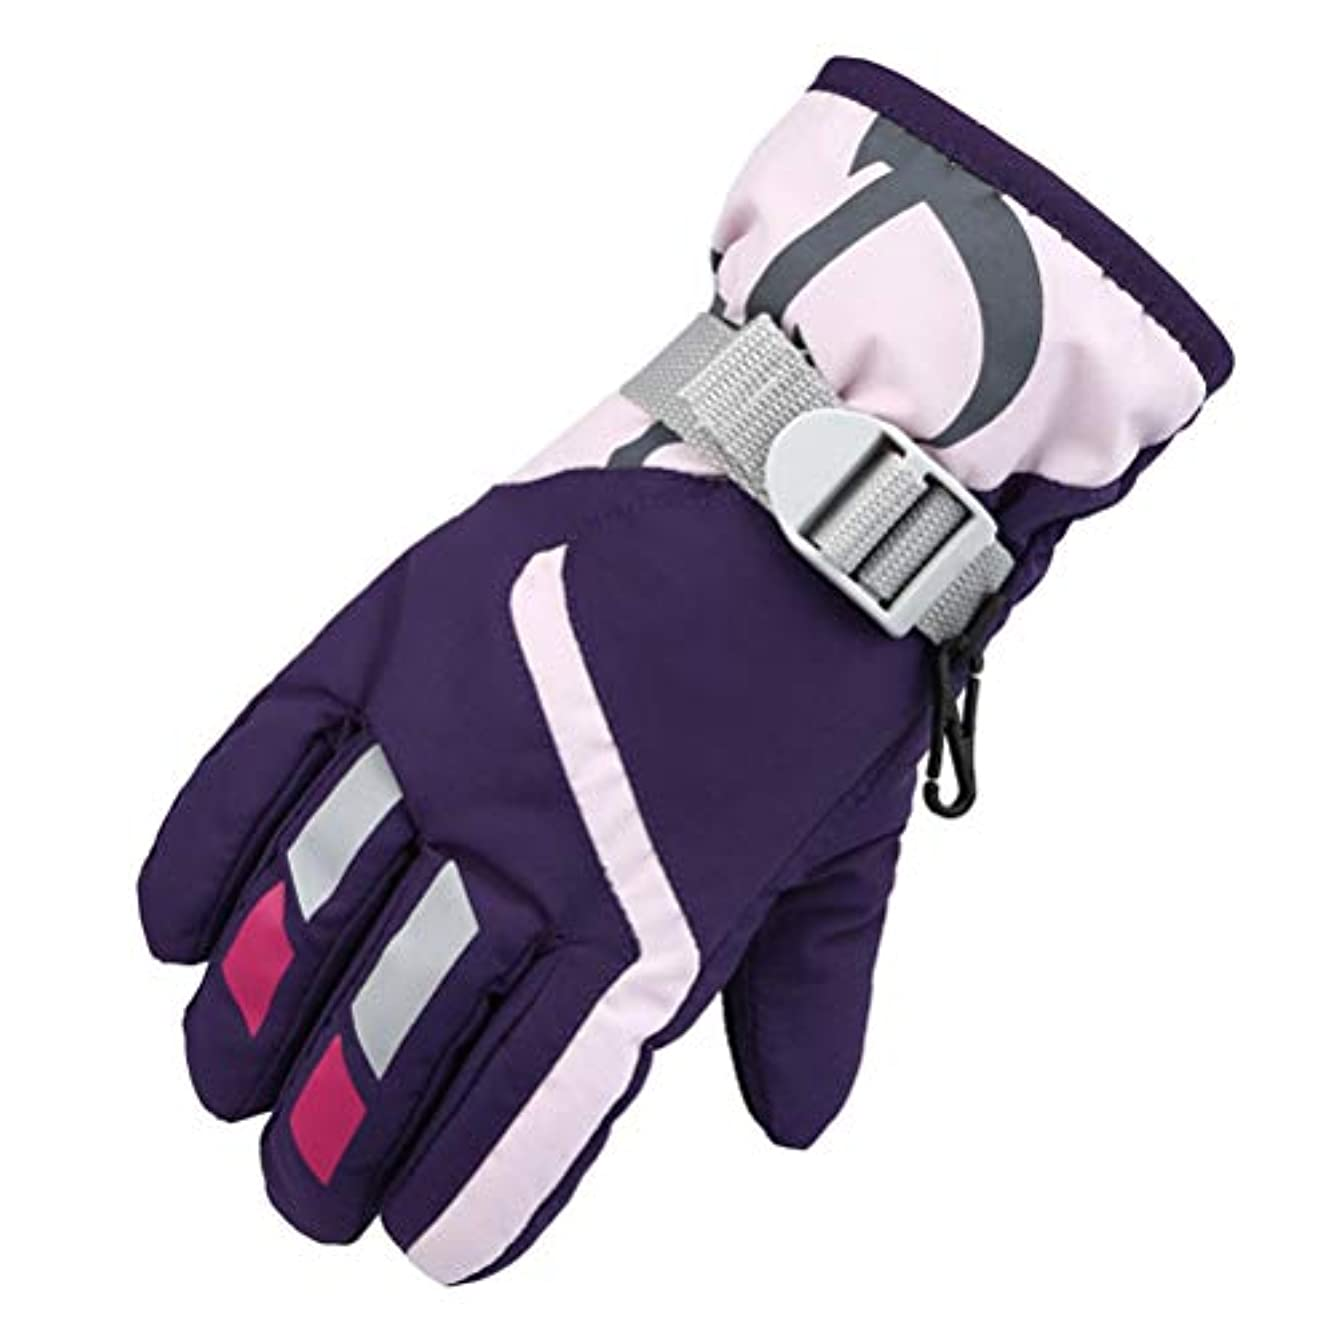 配分ぬいぐるみまつげTAIPPAN 子供用スキー手袋冬は、暖かい手袋調節可能な耐寒性手袋厚く防寒グローブ 保温 冬 厚手 革 防寒 スポーツグローブ